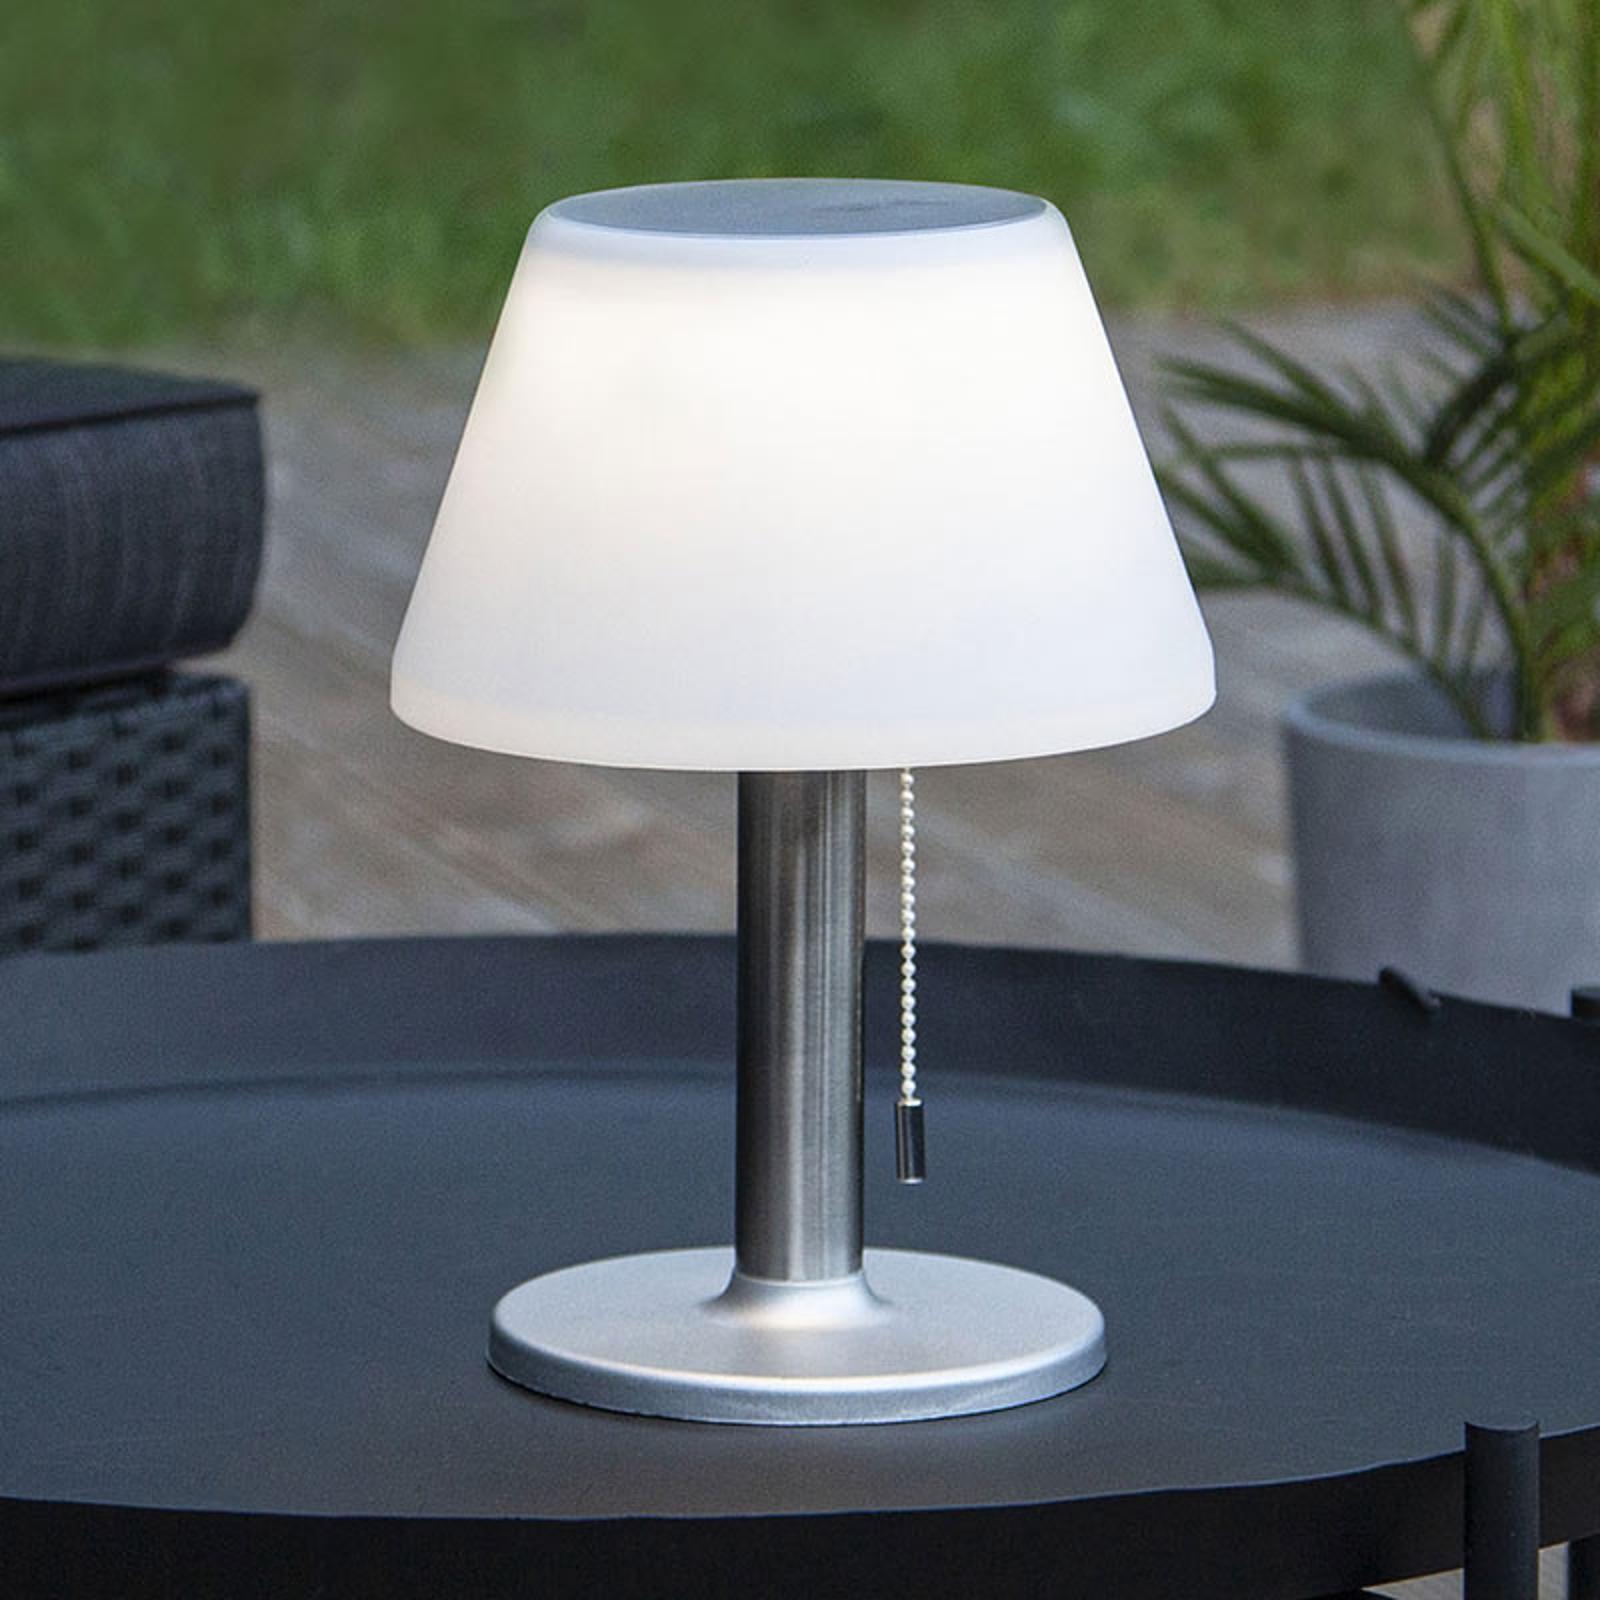 Lampada LED solare tavolo Solia con interruttore